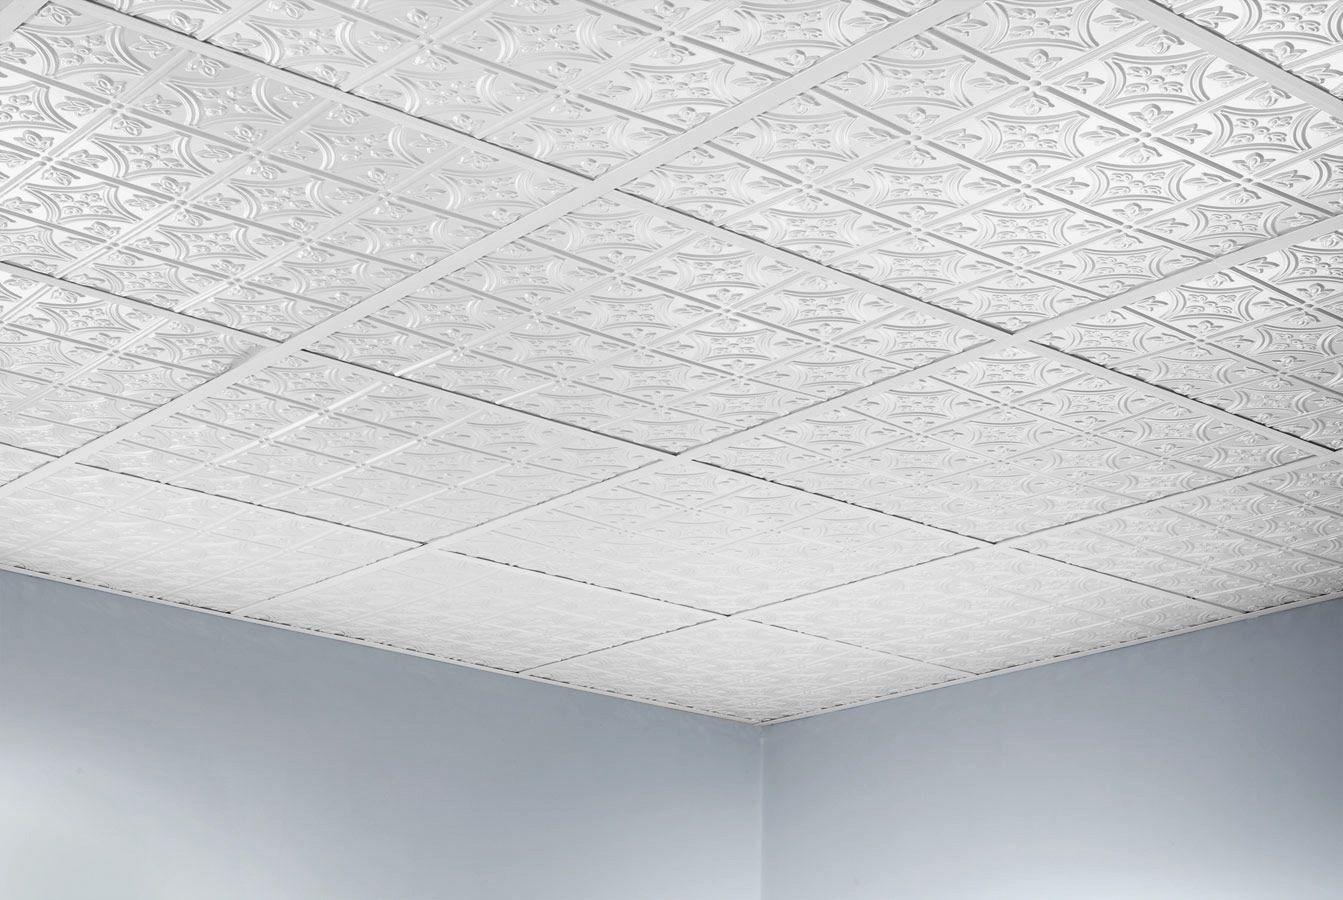 Armstrong acoustical ceiling tile 704a rue de huit pinterest acoustic ceiling tiles doublecrazyfo Choice Image